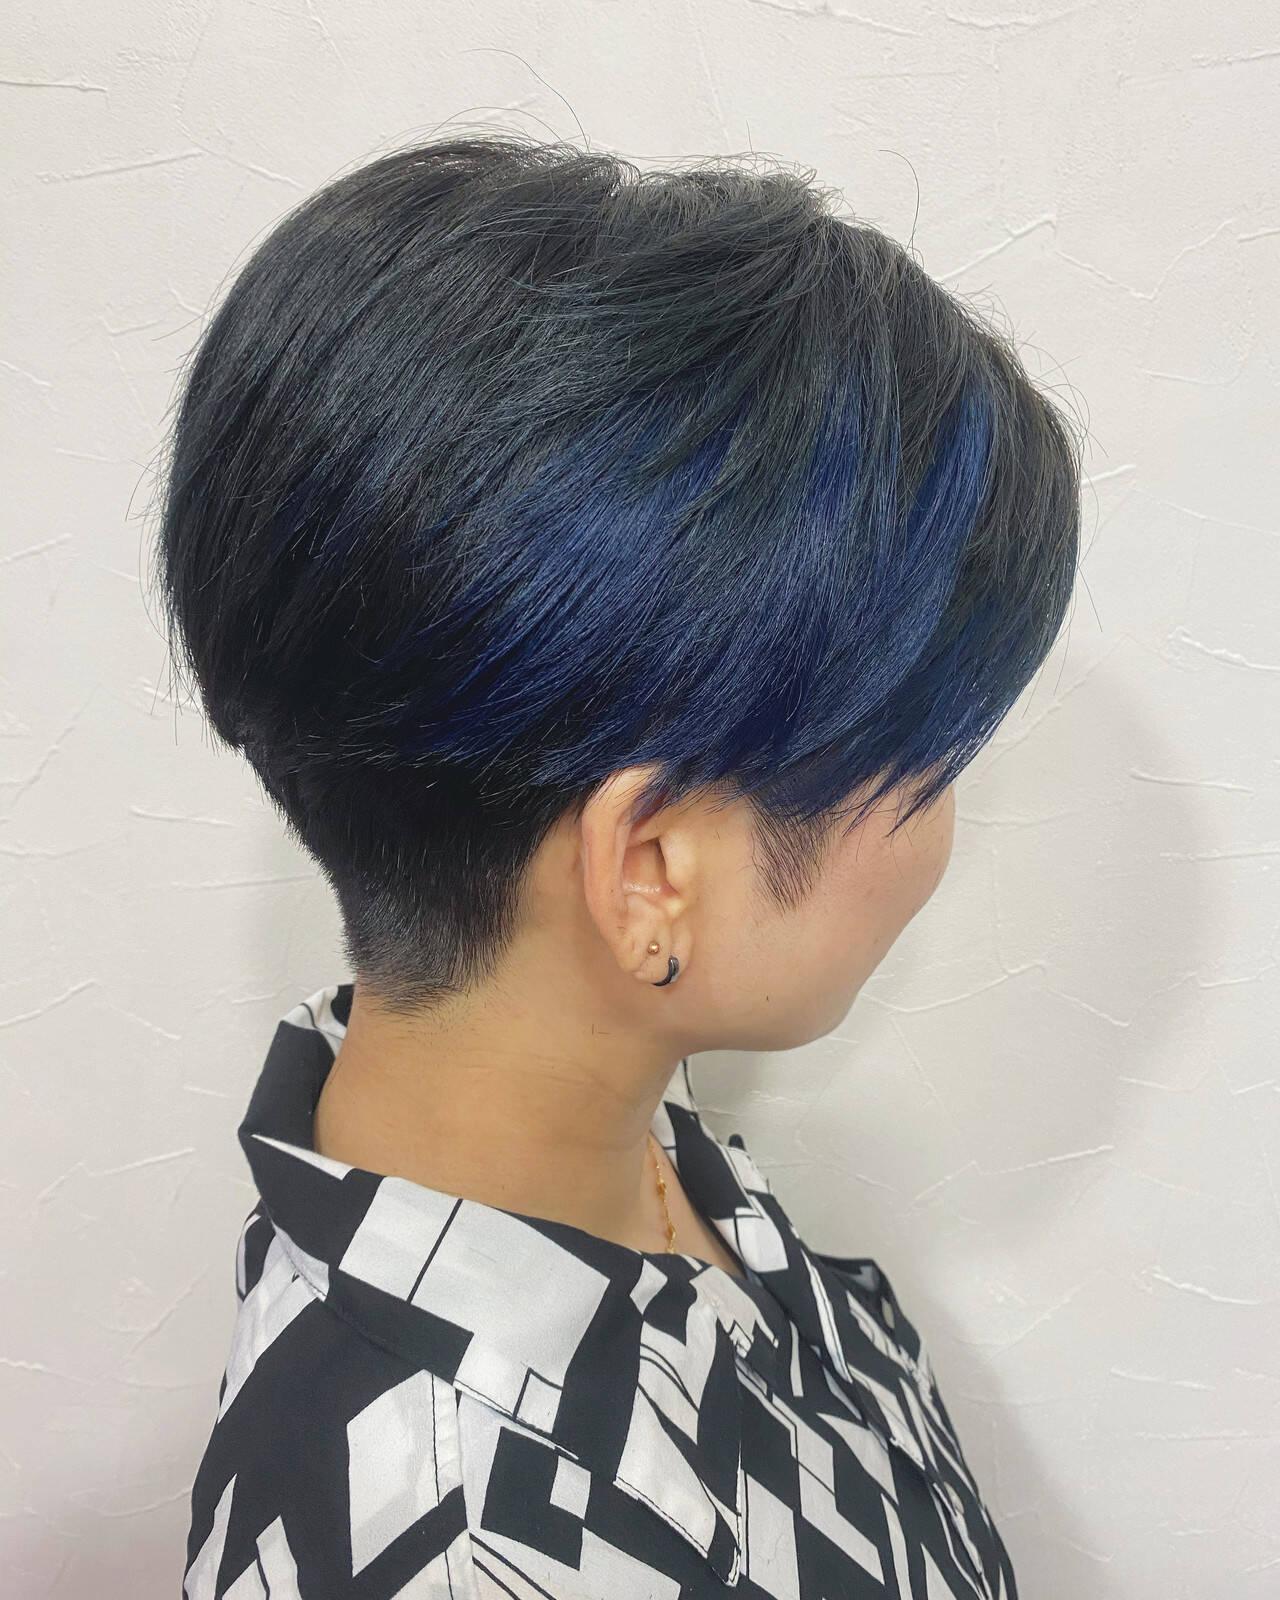 ベリーショート ショート ショートヘア ショートボブヘアスタイルや髪型の写真・画像